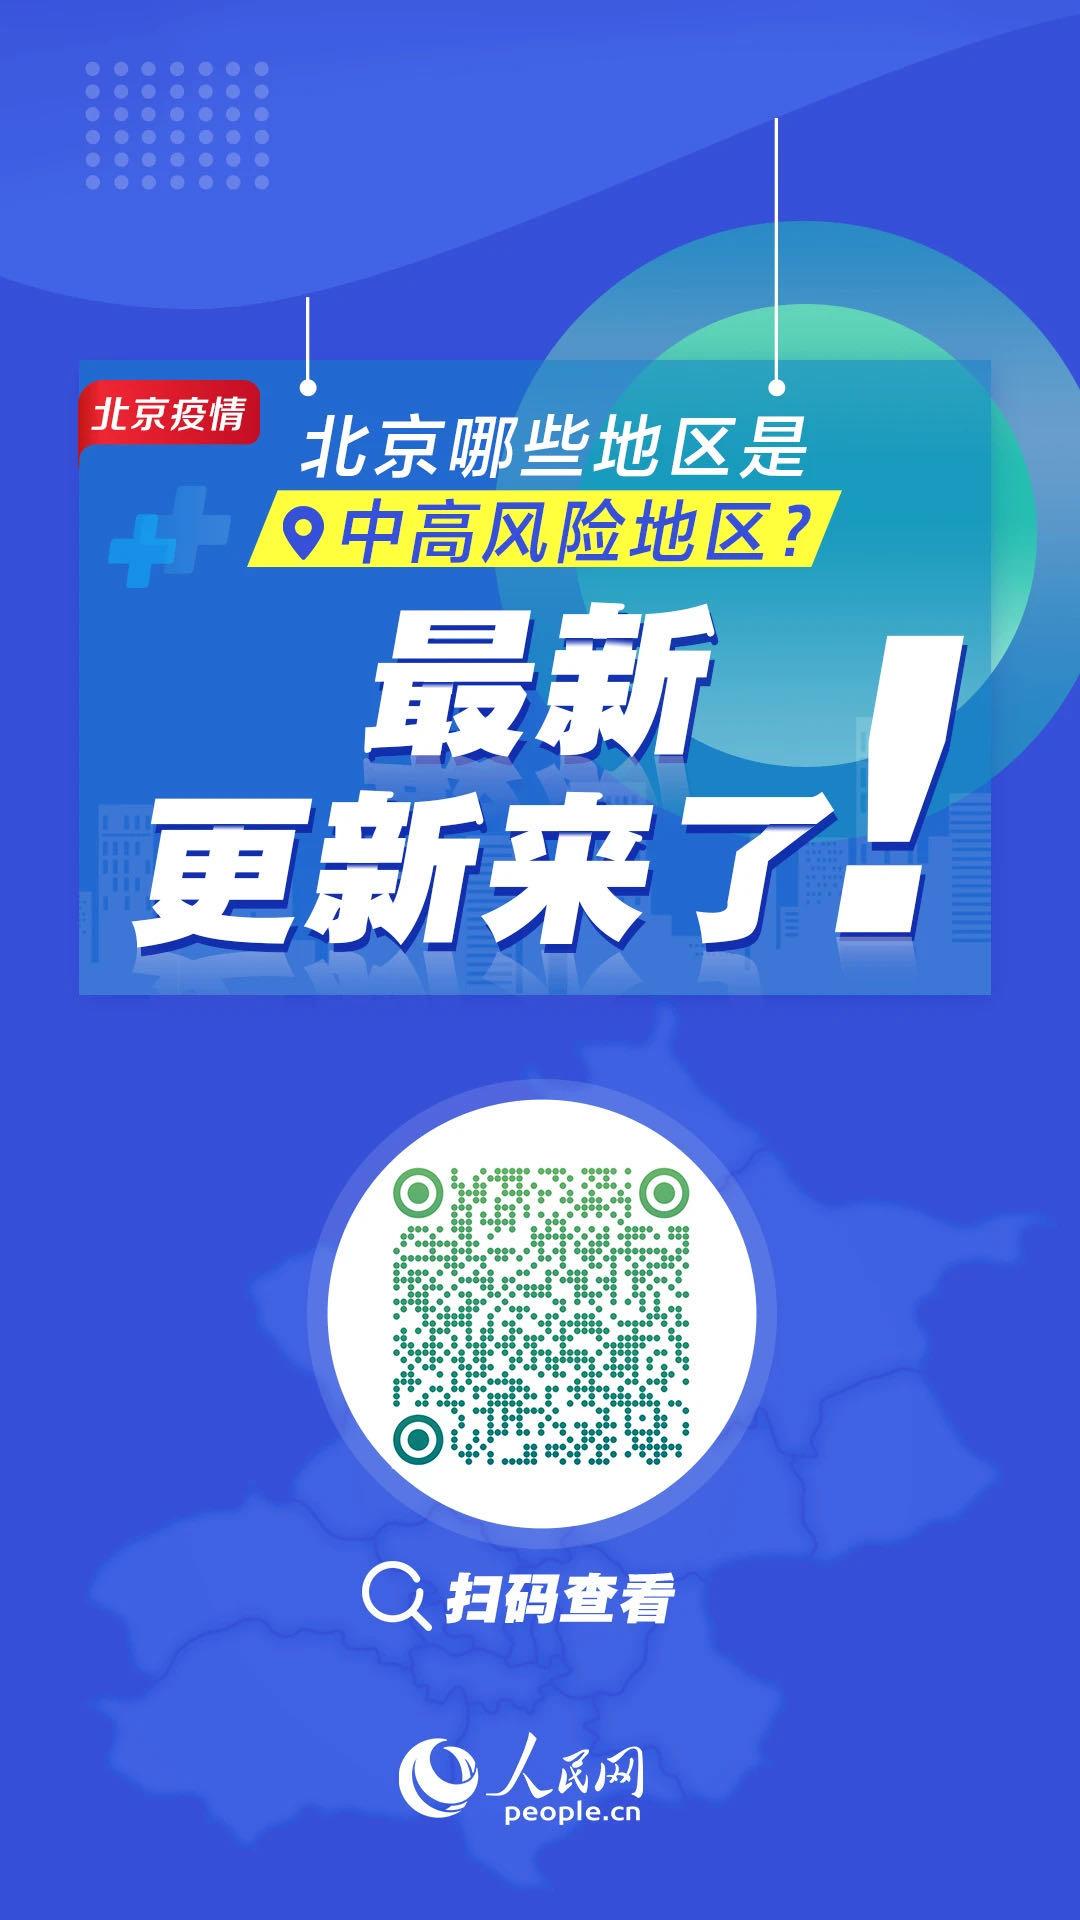 最新!云南曲靖1人从北京新发地市场返回被隔离观察,核酸检测结果公布